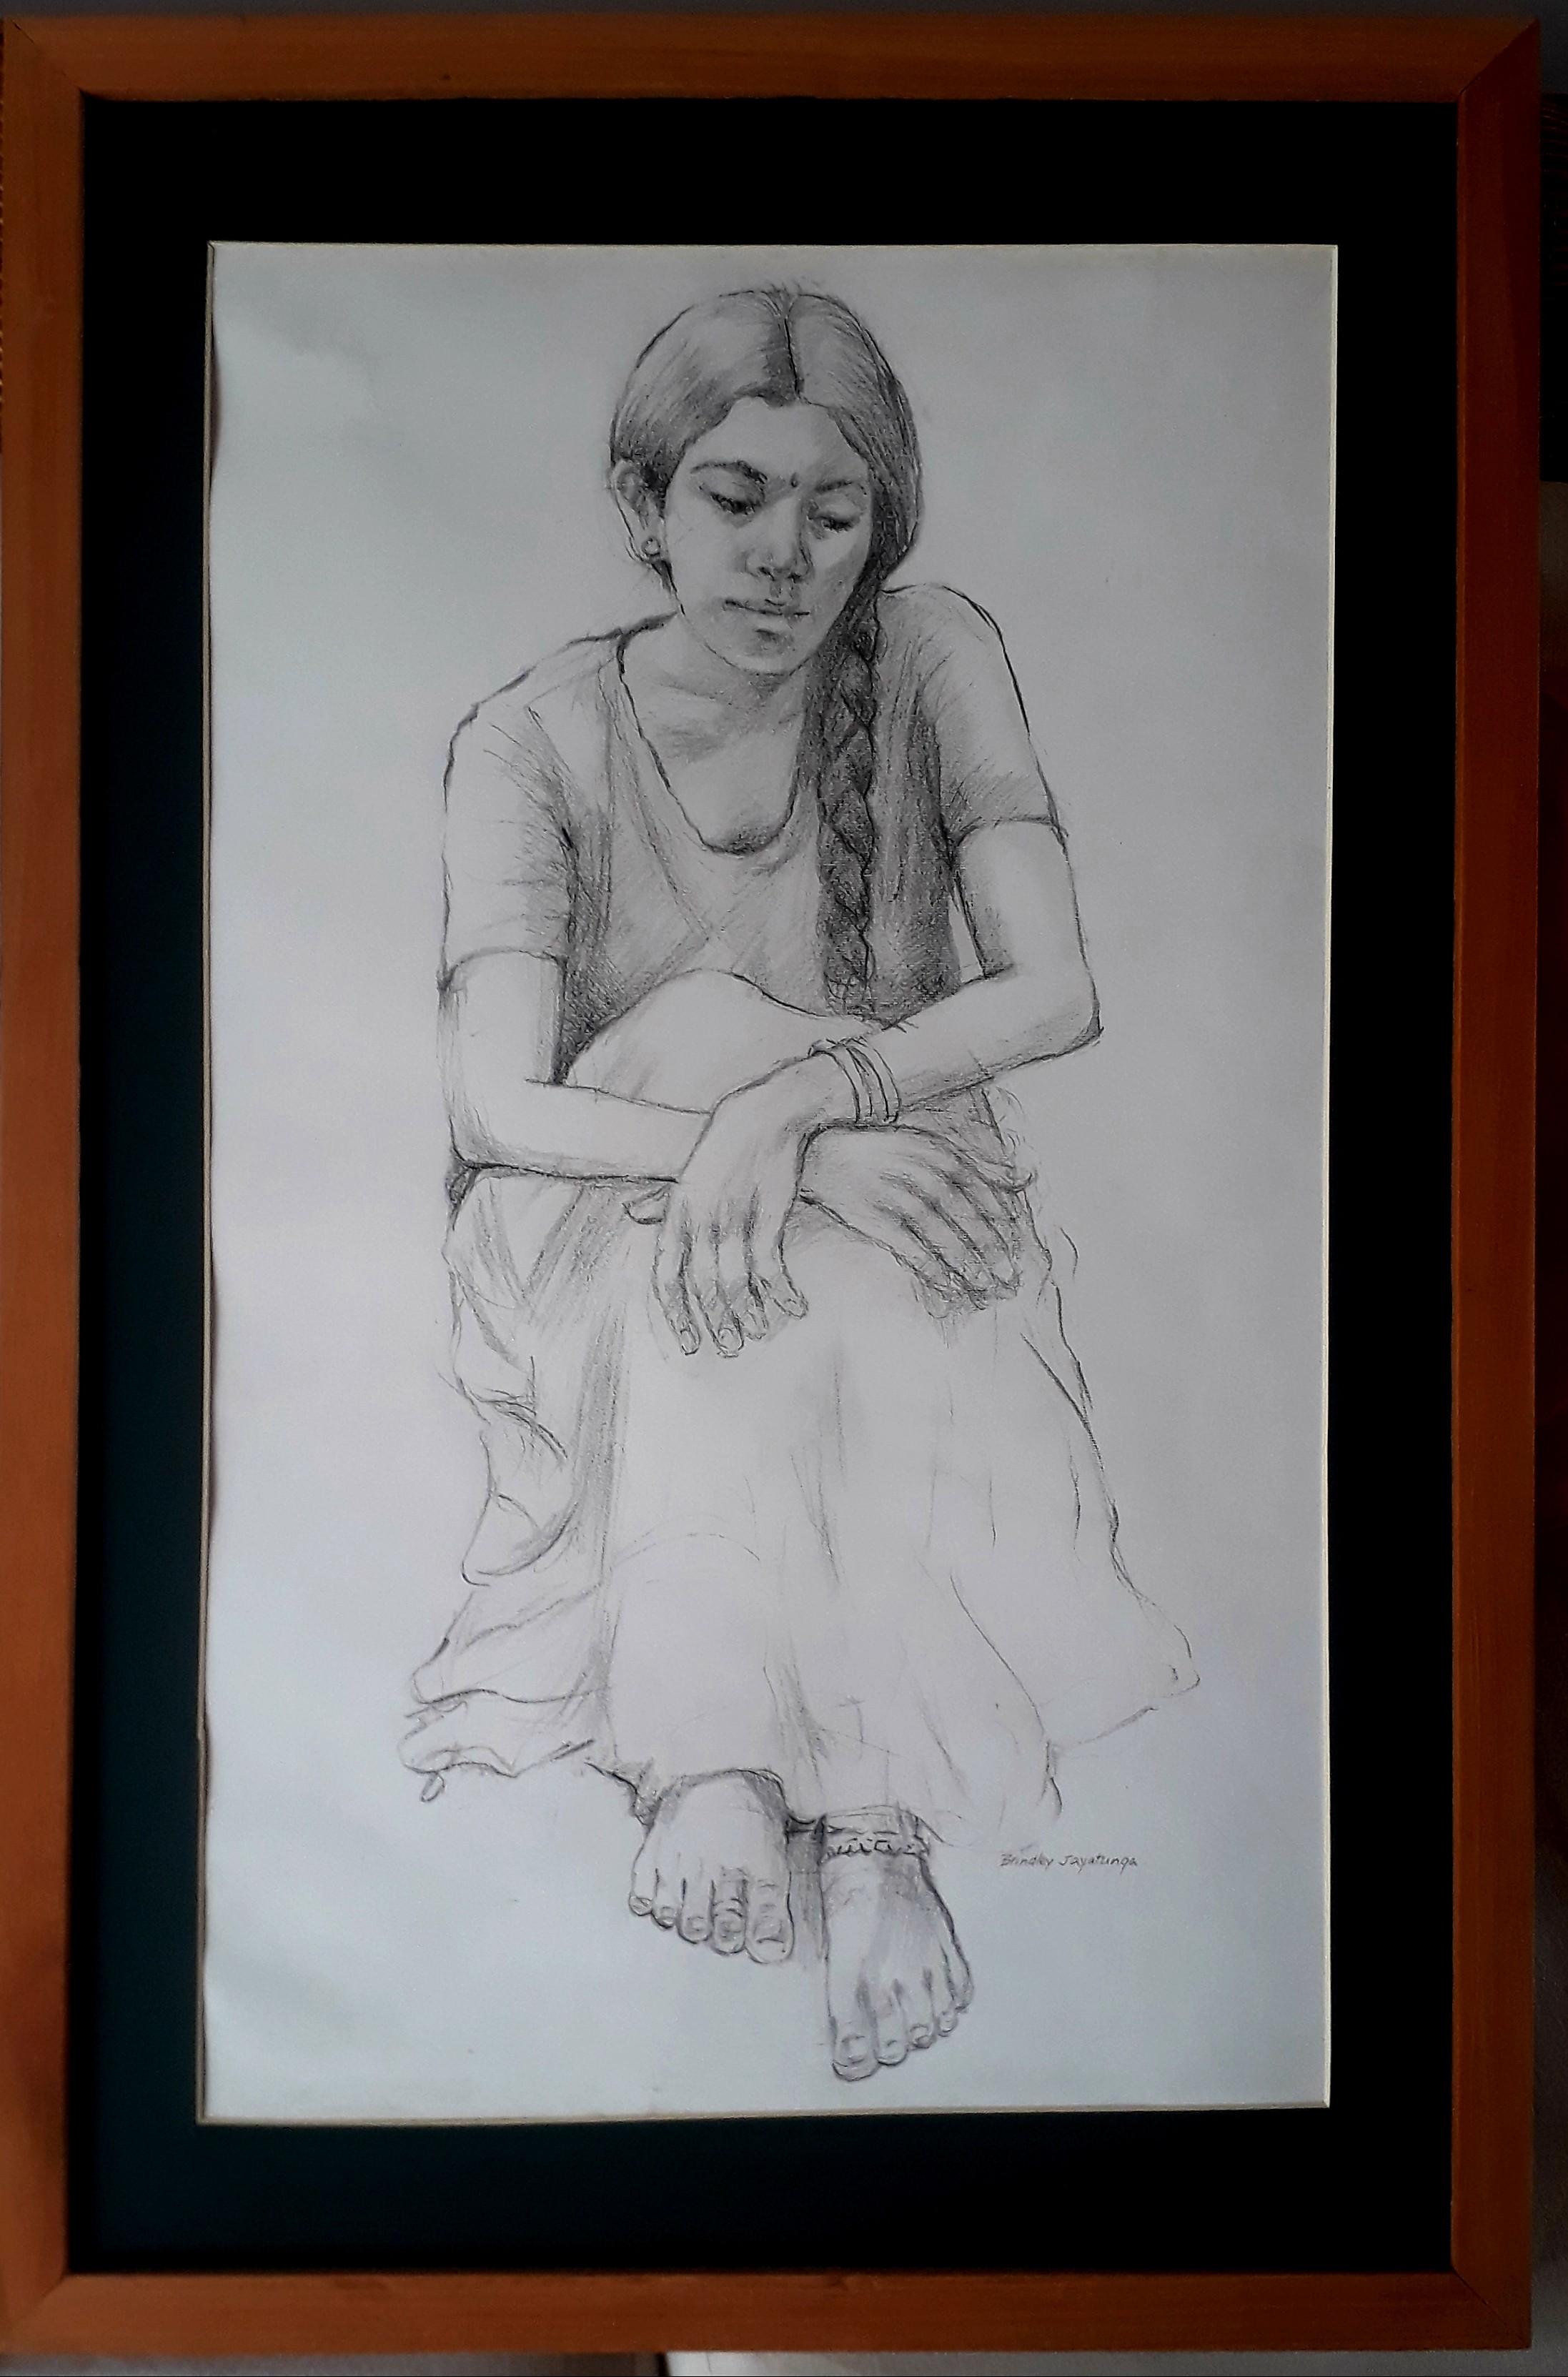 Chitra by Brindley Jayatunga